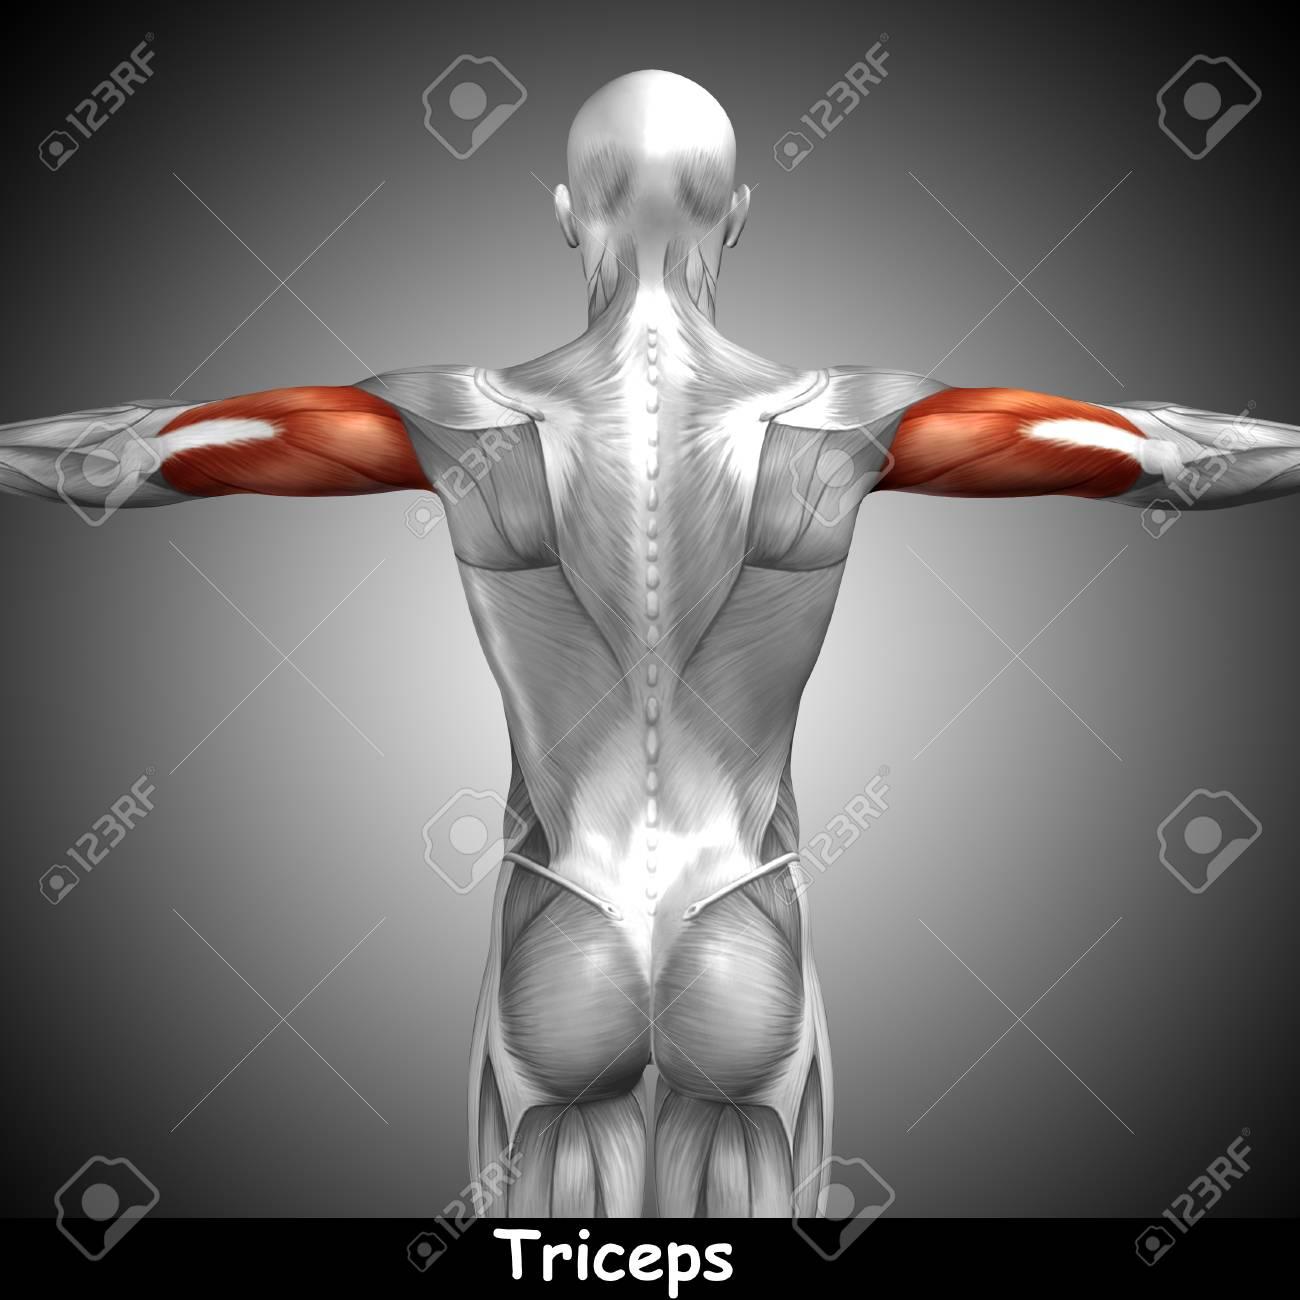 Conceptual 3D Muscular Del Tríceps Anatomía Y Texto Sobre Fondo Gris ...